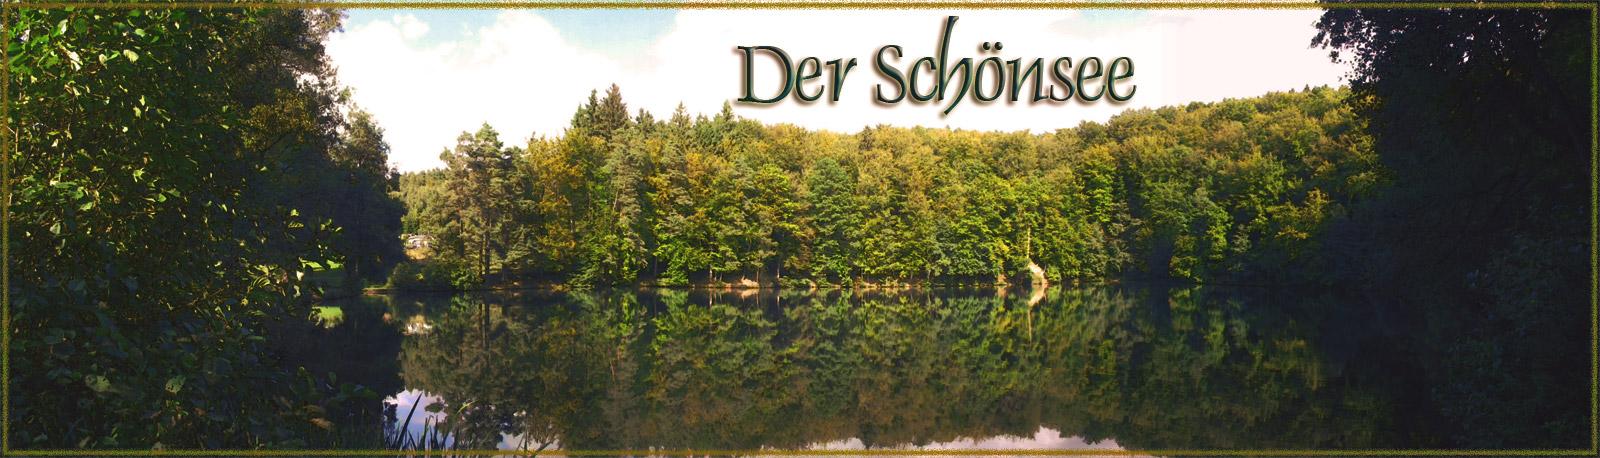 Schönsee-Freunde.de — Die Webseite-ehrlich-loyal-informativ